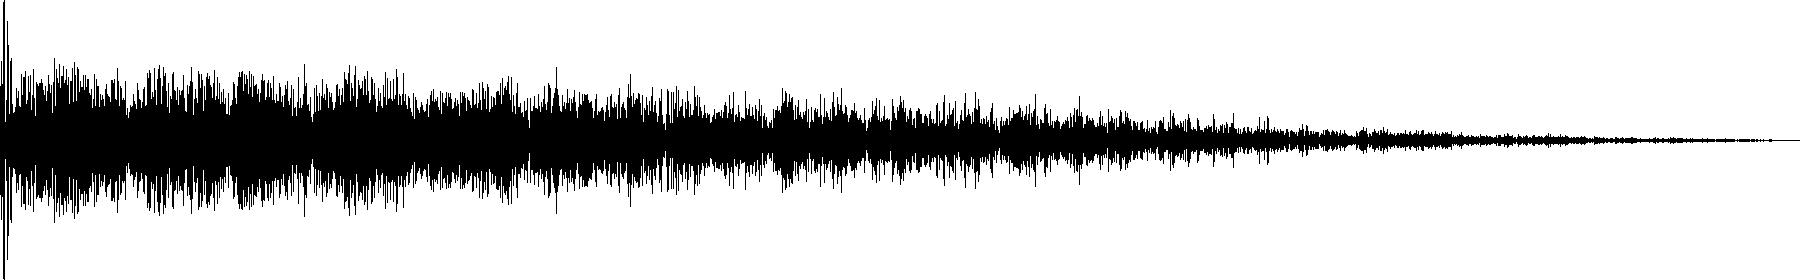 lofi cymbal 3